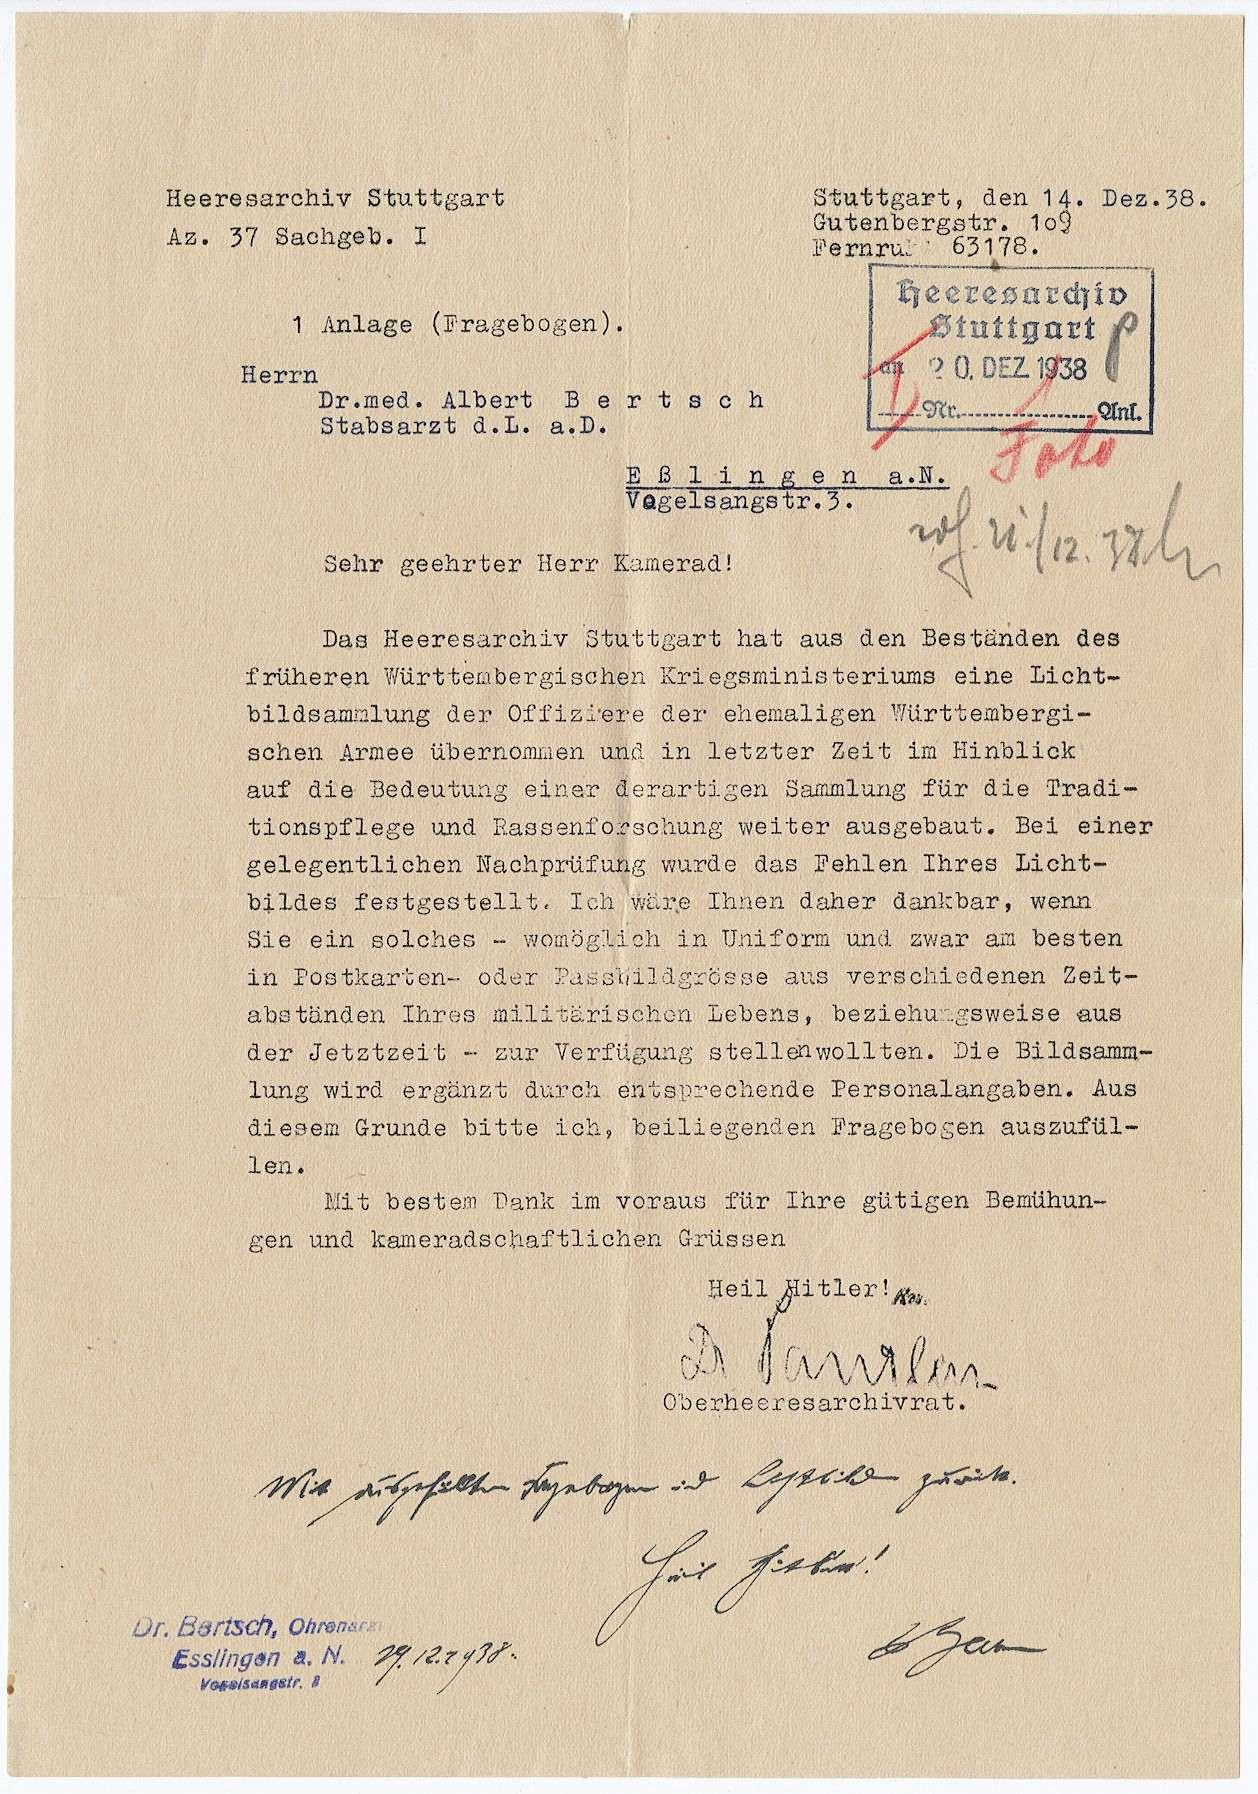 Bertsch, Albert, Dr., Bild 3